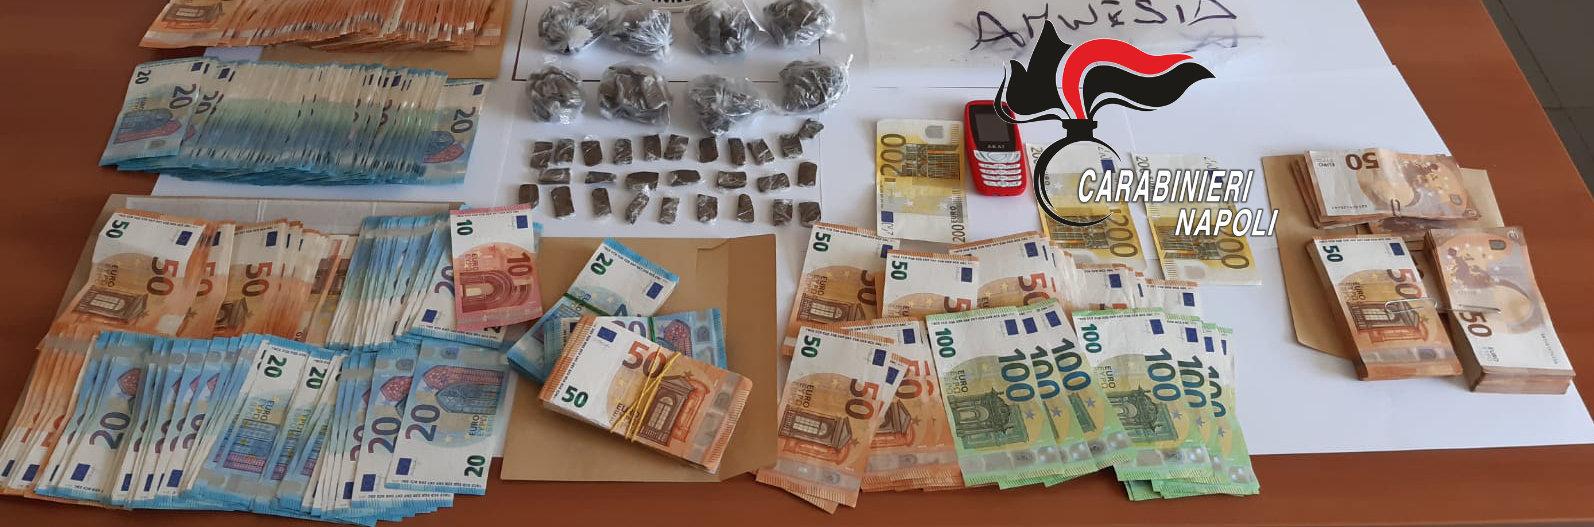 Melito, 2 arrestati per droga e 7 denunciati per ricettazione